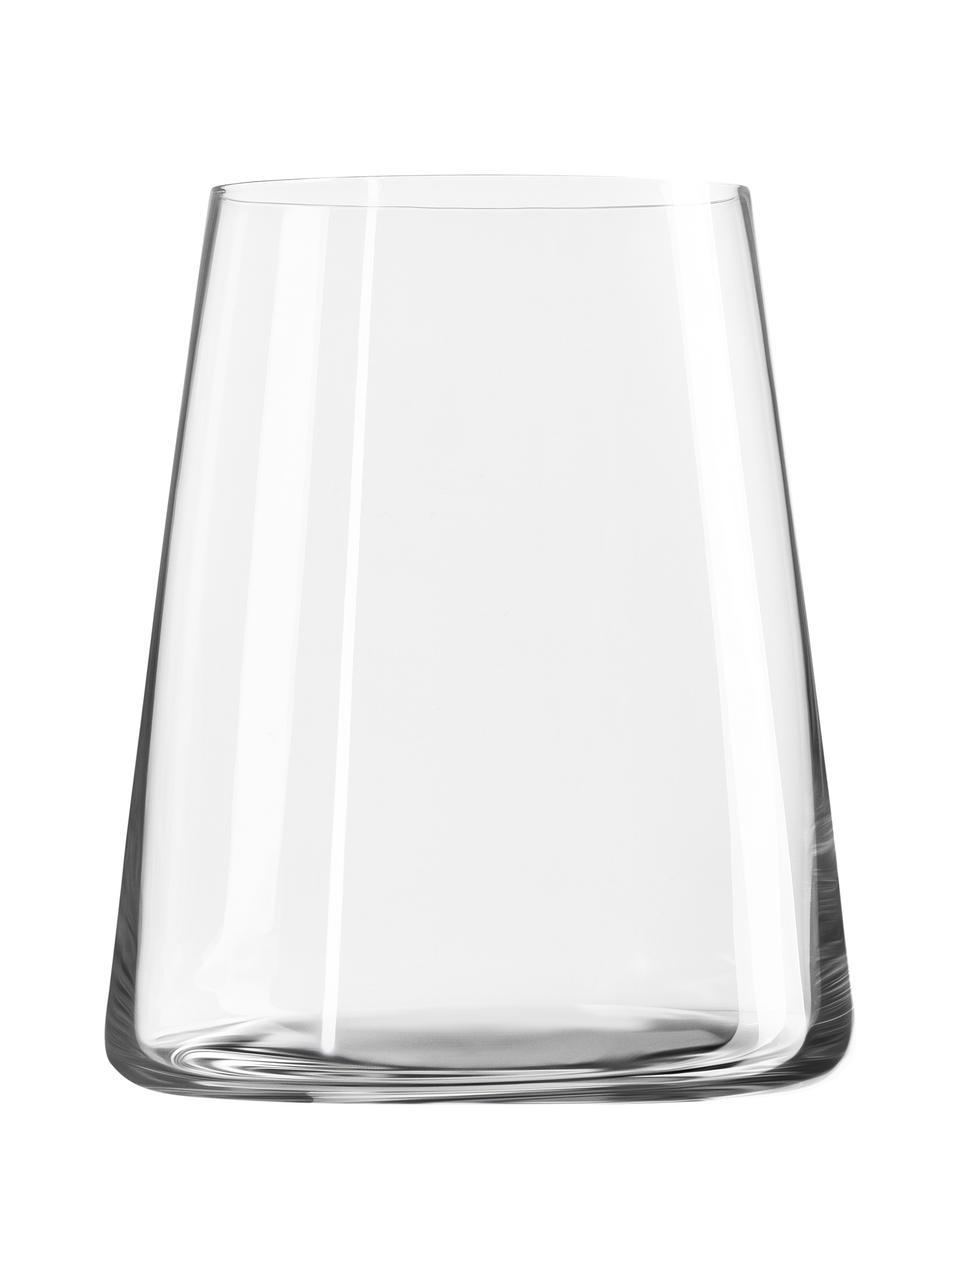 Verre cristal Power, 6pièces, Transparent